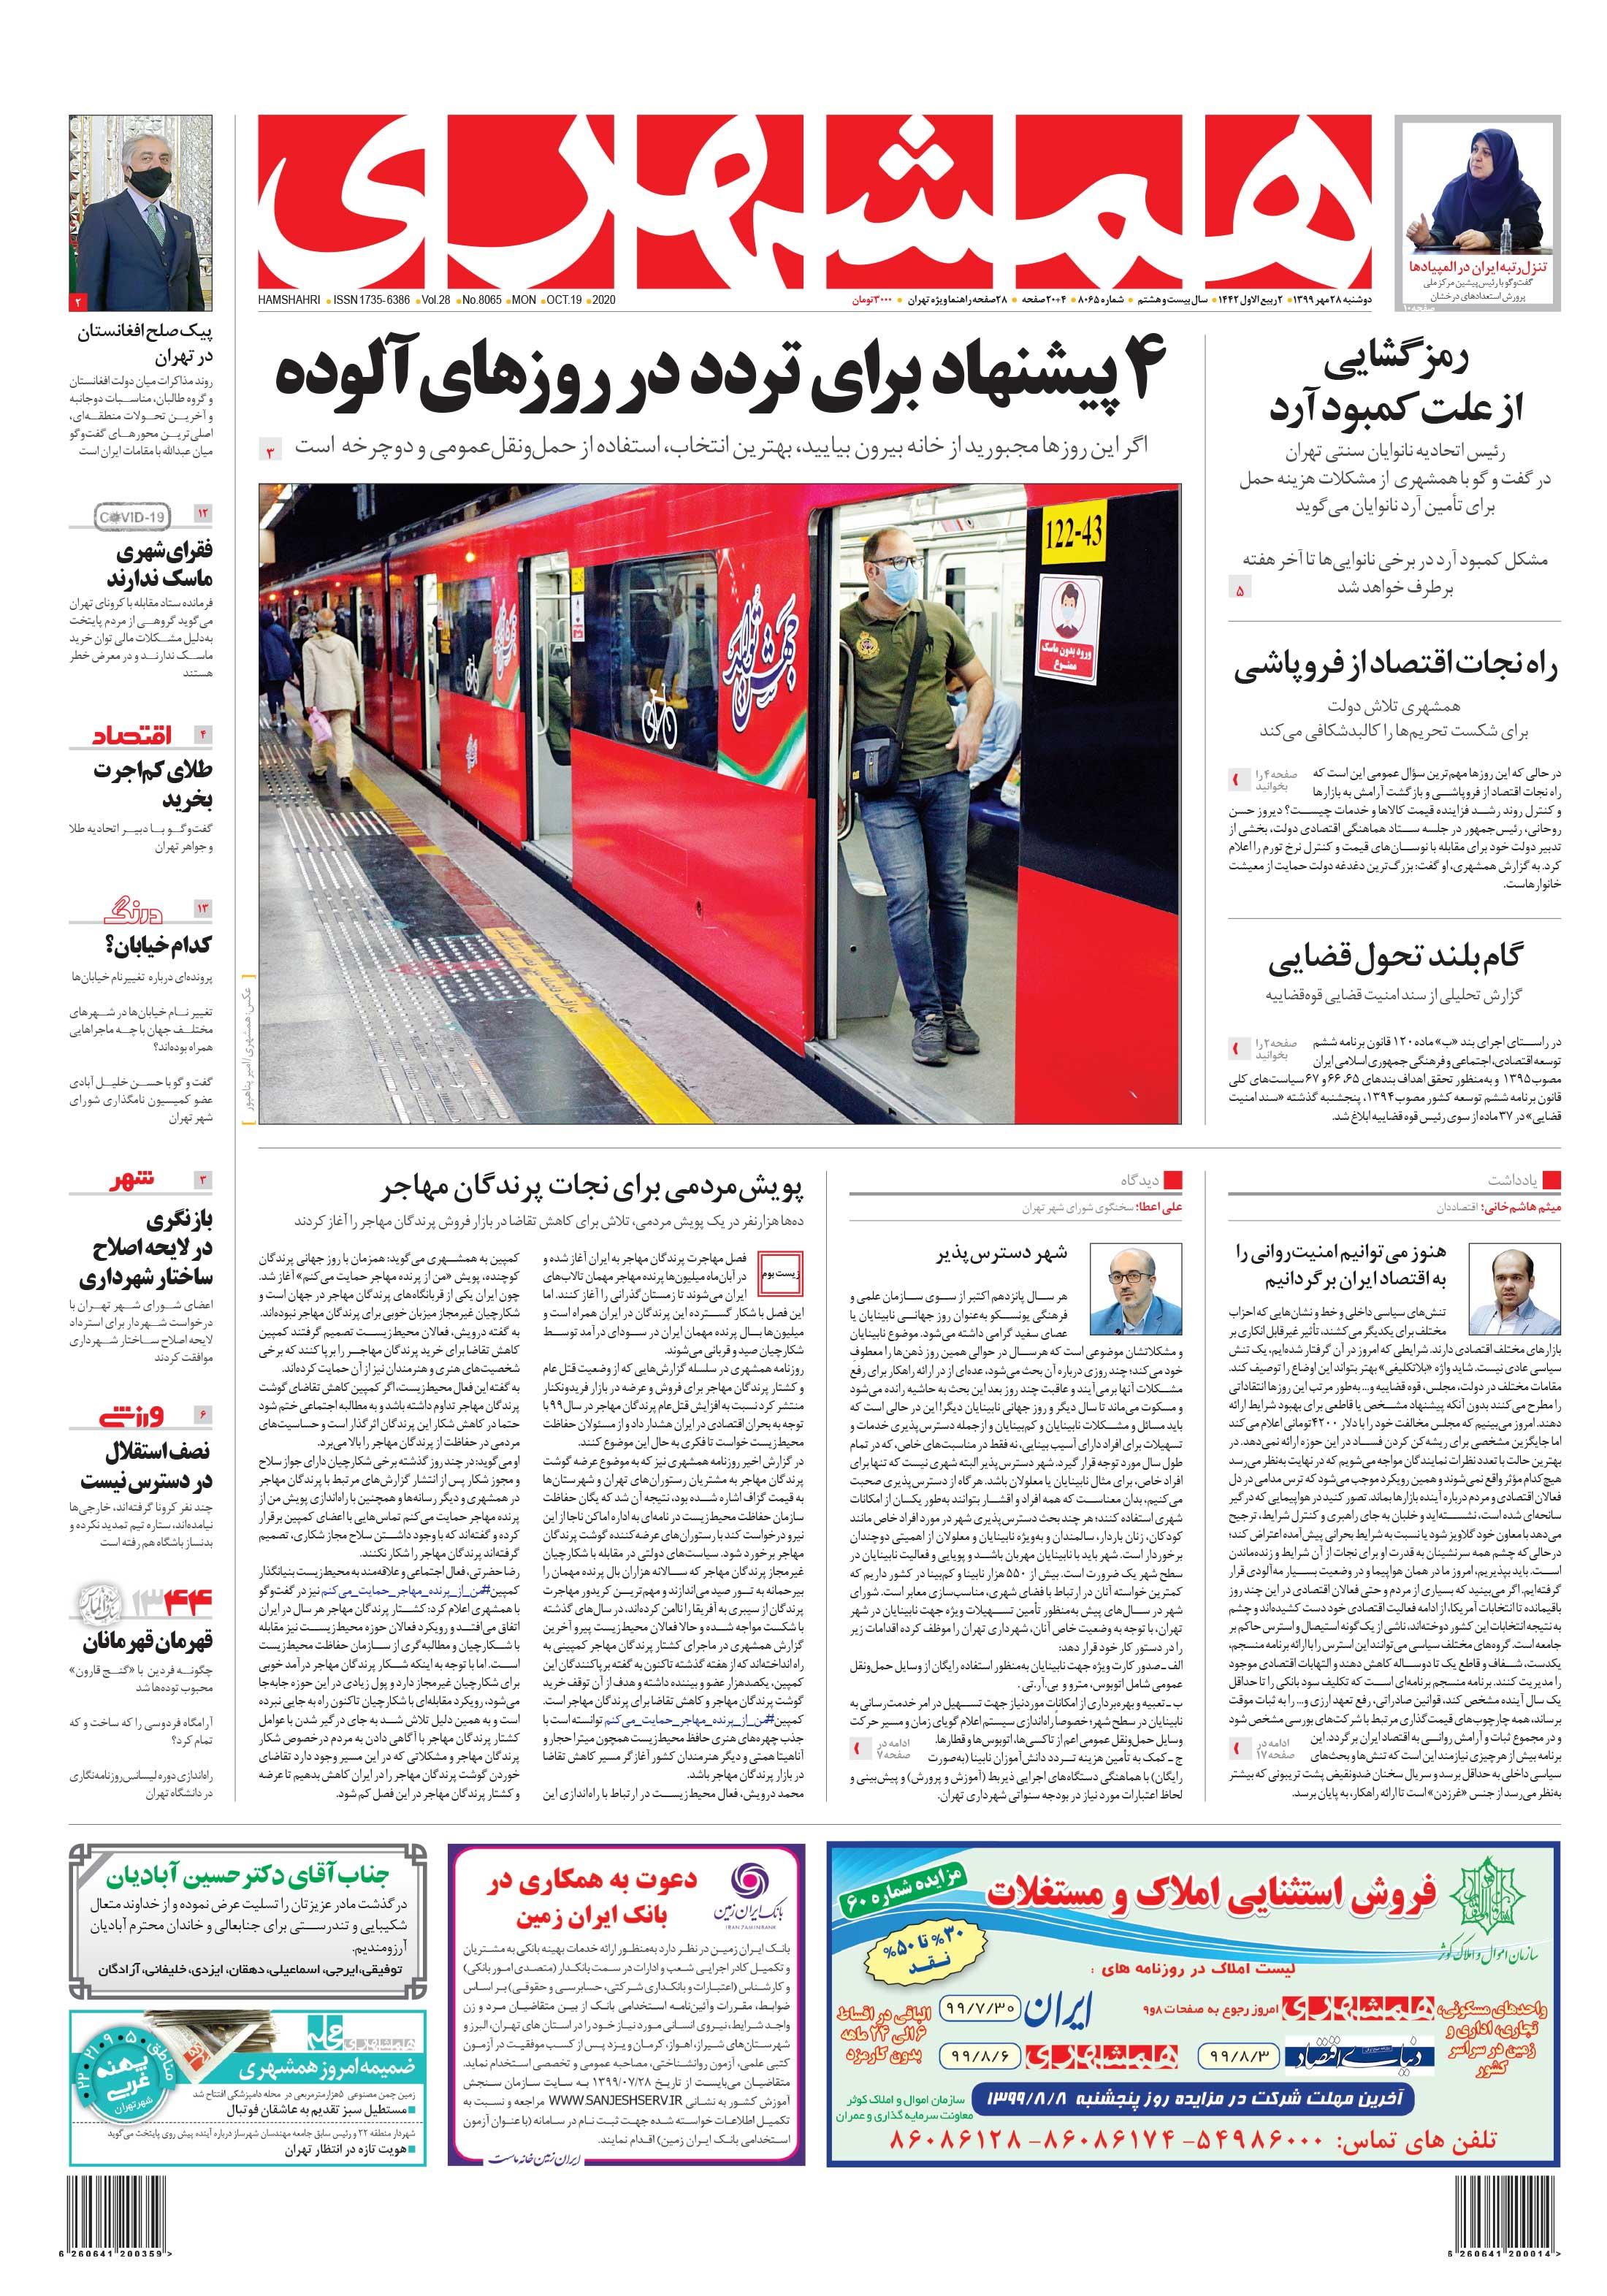 صفحه اول دوشنبه 28 مهر 1399